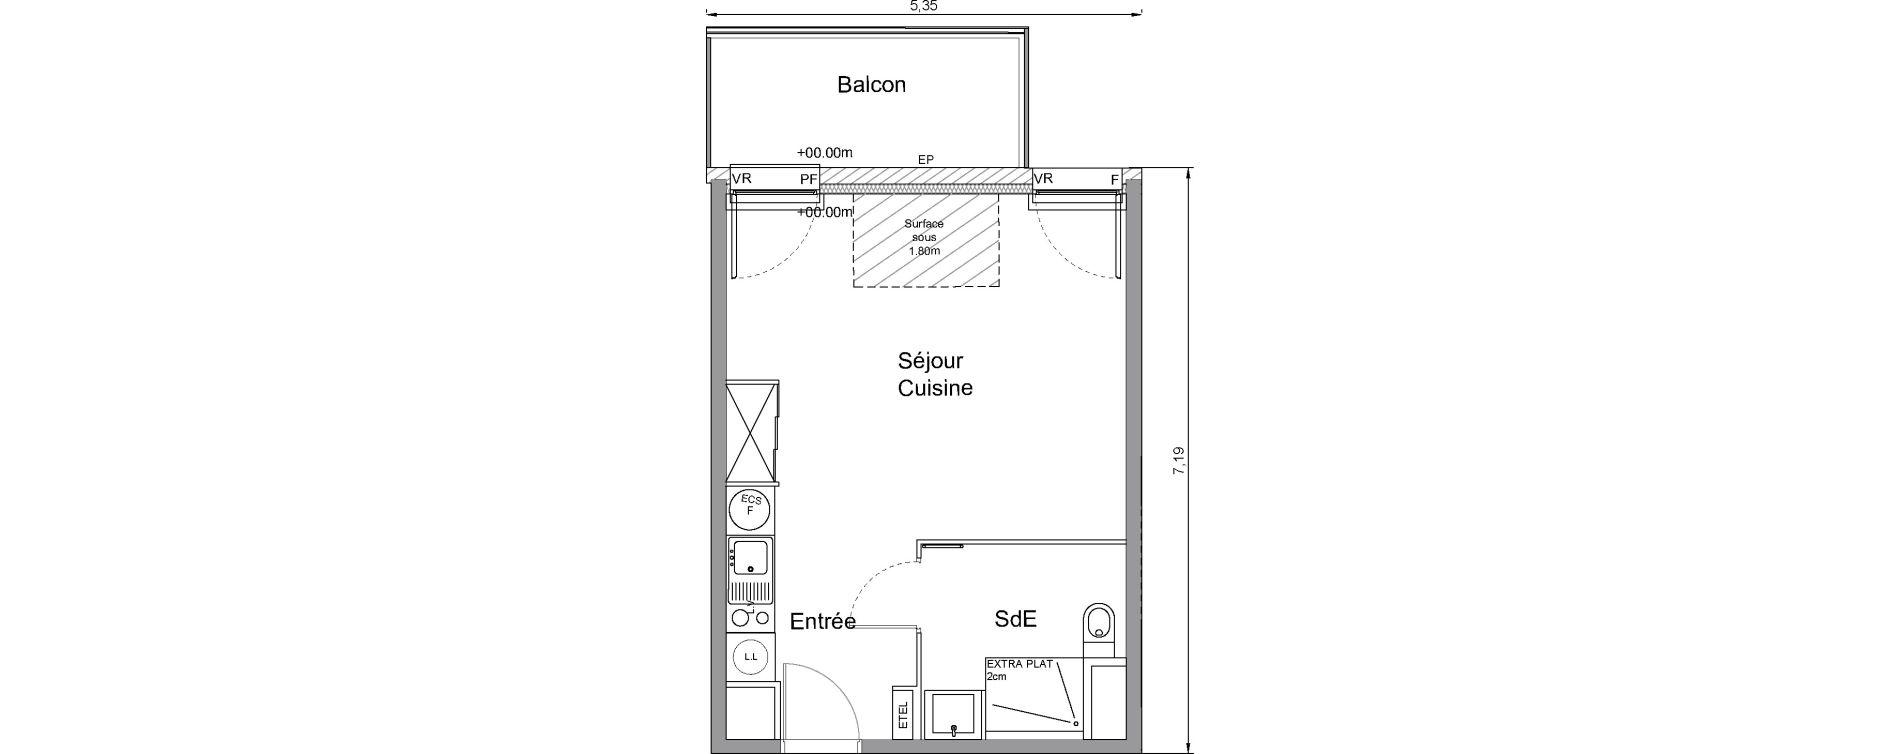 Appartement T1 de 29,50 m2 à Bonnières-Sur-Seine Centre